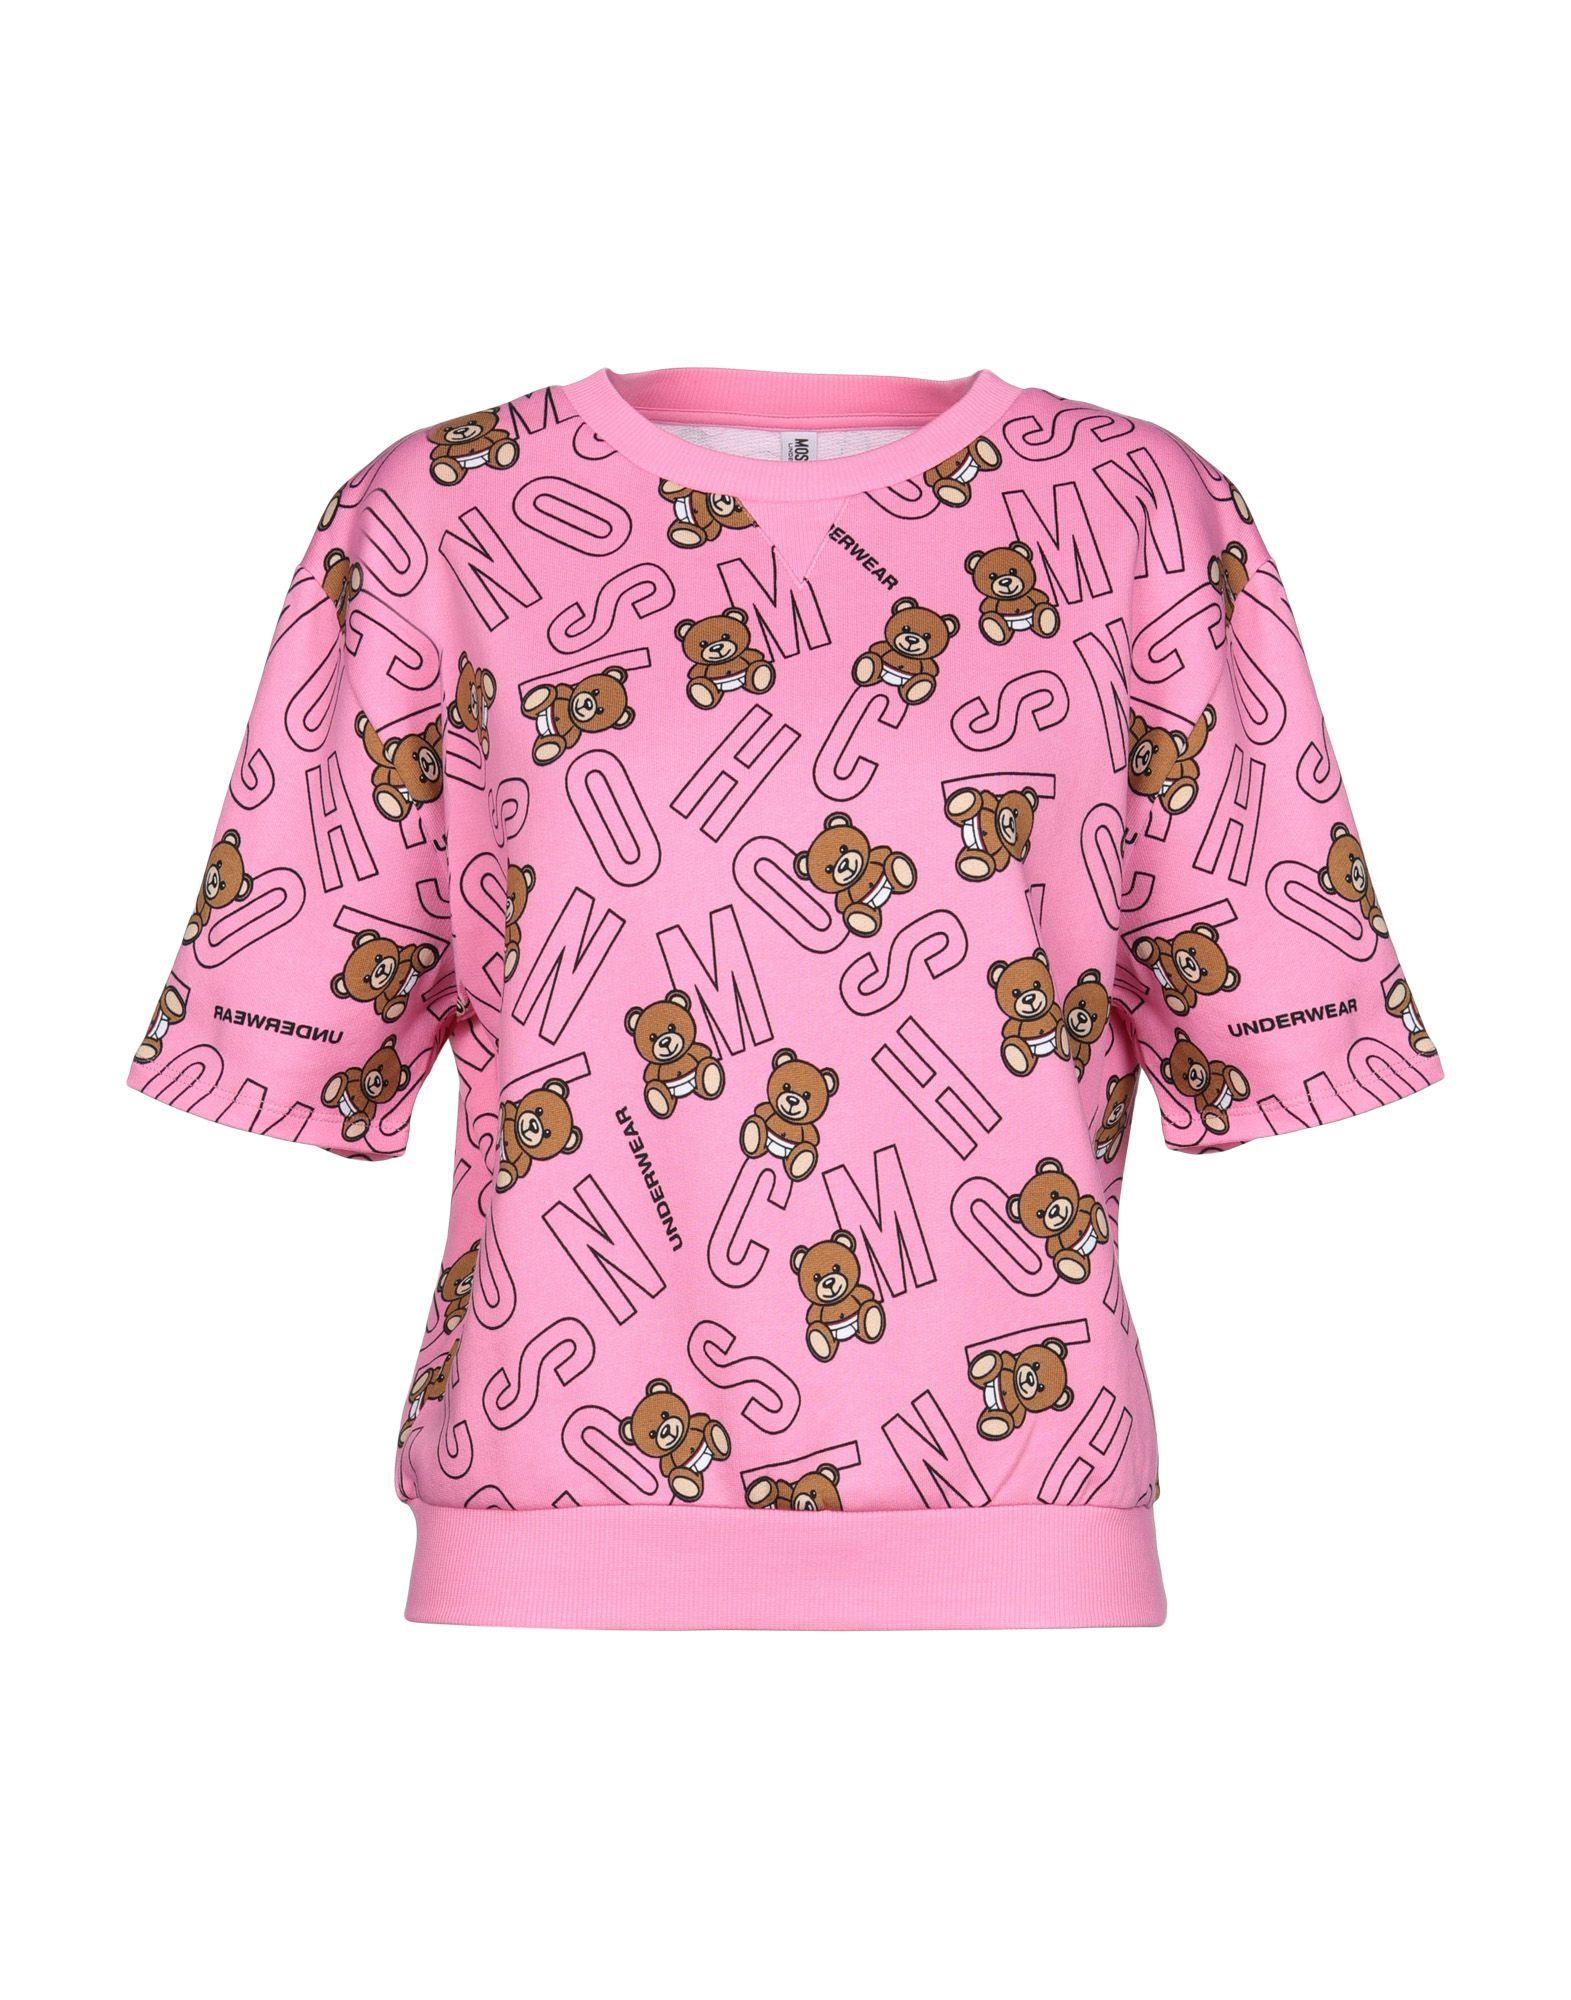 《送料無料》MOSCHINO レディース パジャマ ピンク XS 100% コットン